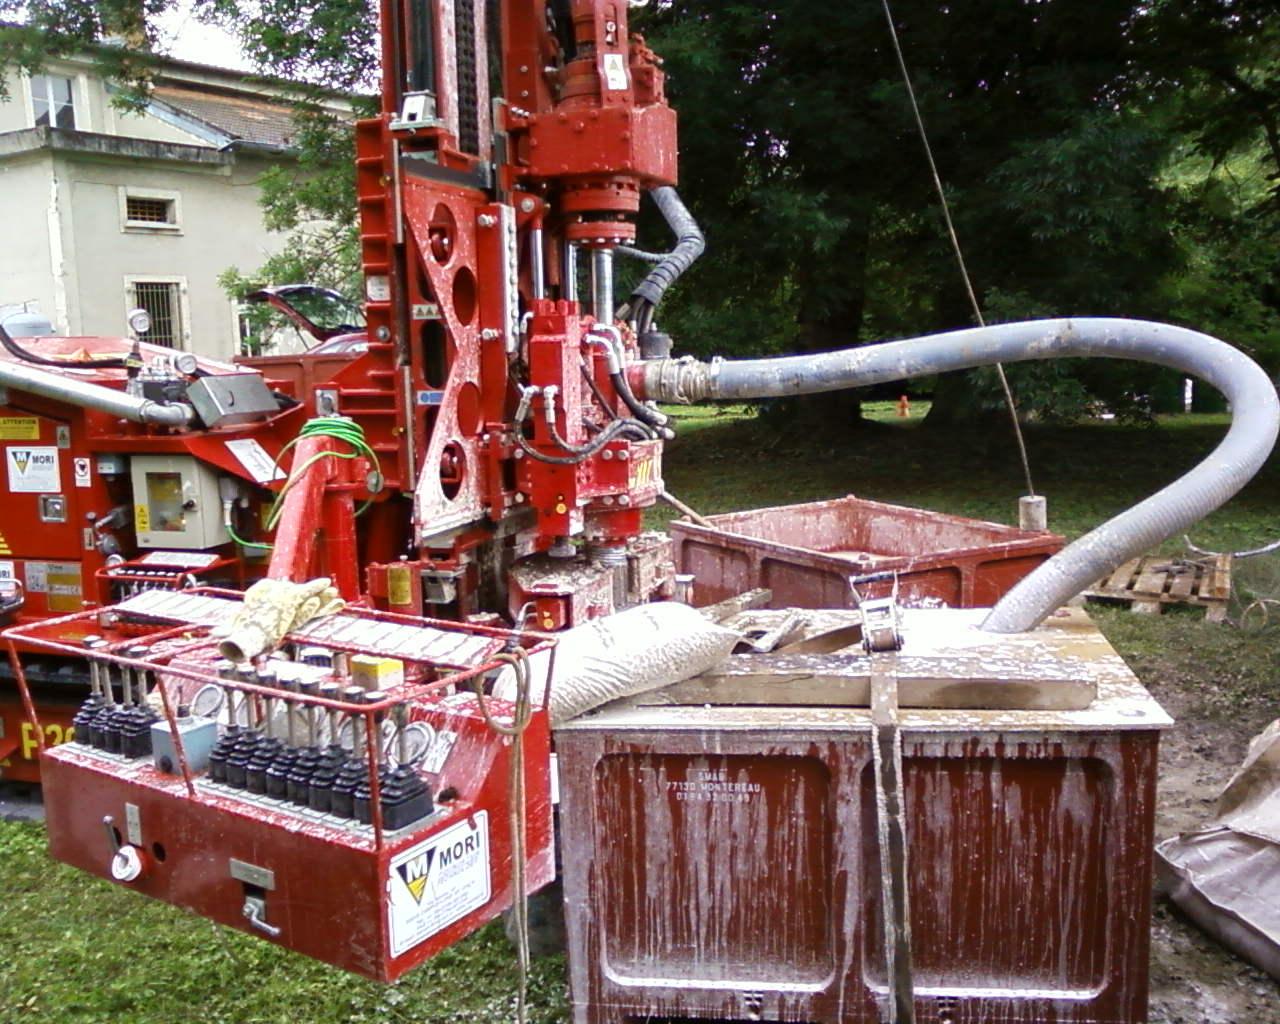 Machine de forage avec 2 têtes. La première tourne à droite pour entrainer l'outil. La deuxième est une tête à arbre creux qui entraine le tubage et tourne à gauche. Un capteur est disposé entre les deux têtes afin de récolter les cuttings et ne pas polluer l'environnement du lieu de forage. Un marteau vibrant à haute fréquence est placé sur le coté du chariot d'effacement afin de prendre des échantillons non-remaniés dans le centre du forage.